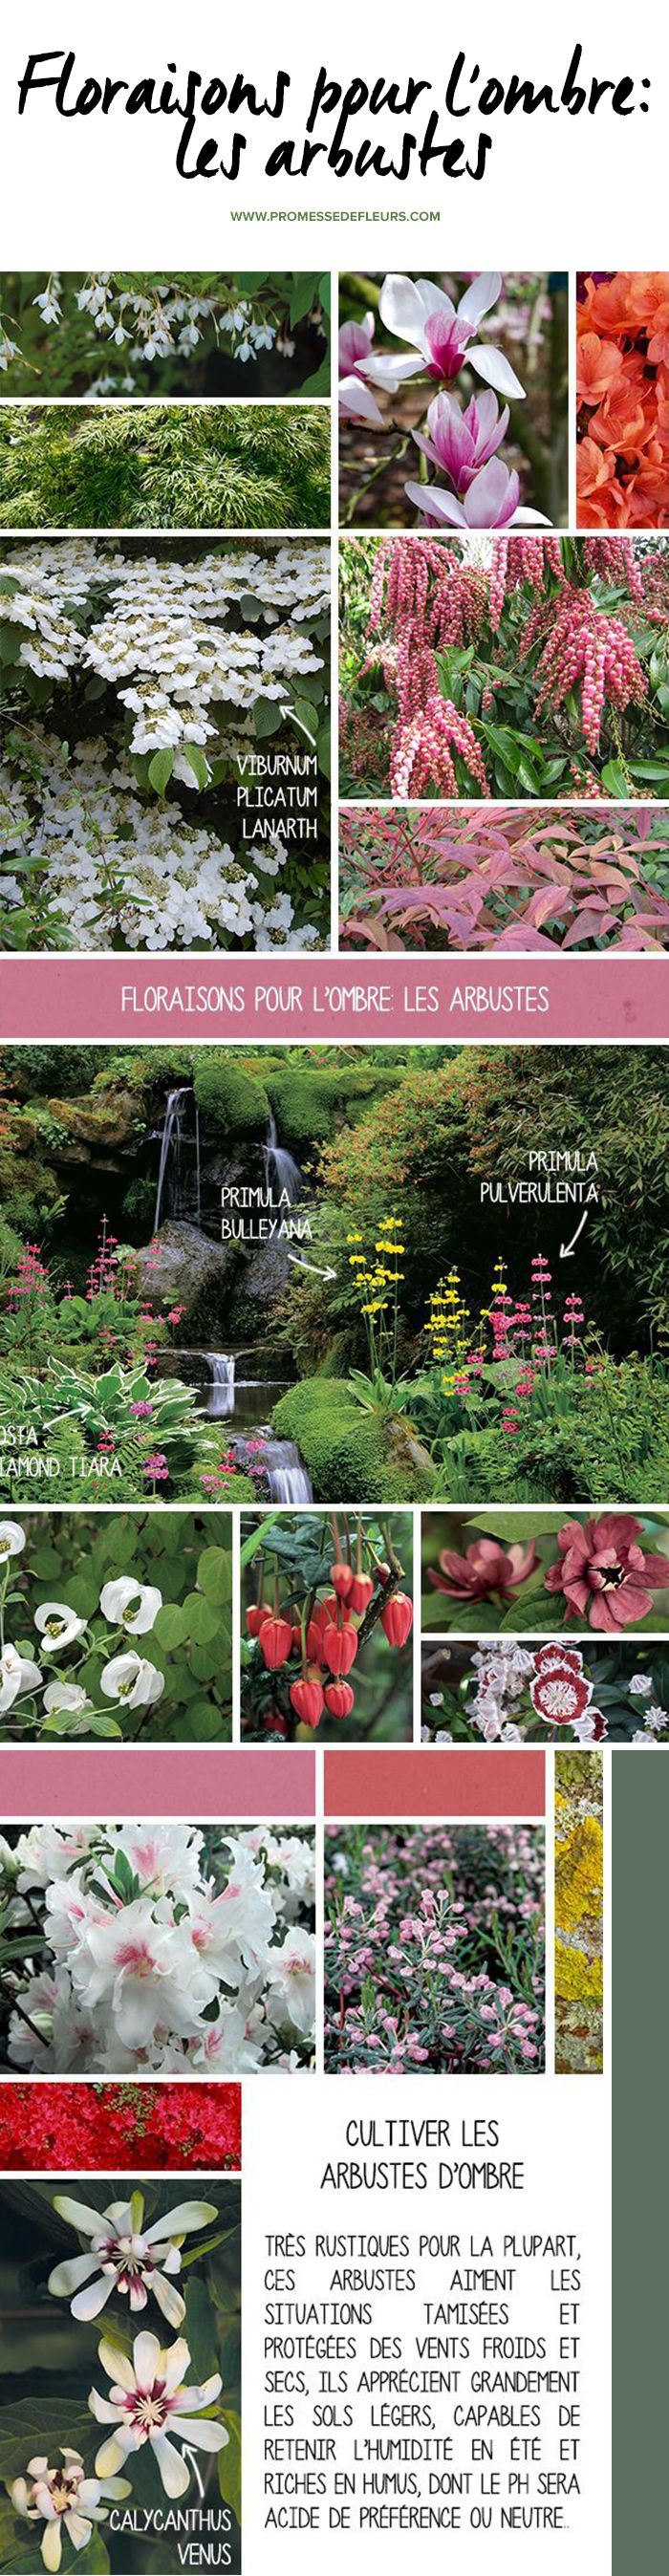 Floraisons pour l'ombre: les arbustes Plus